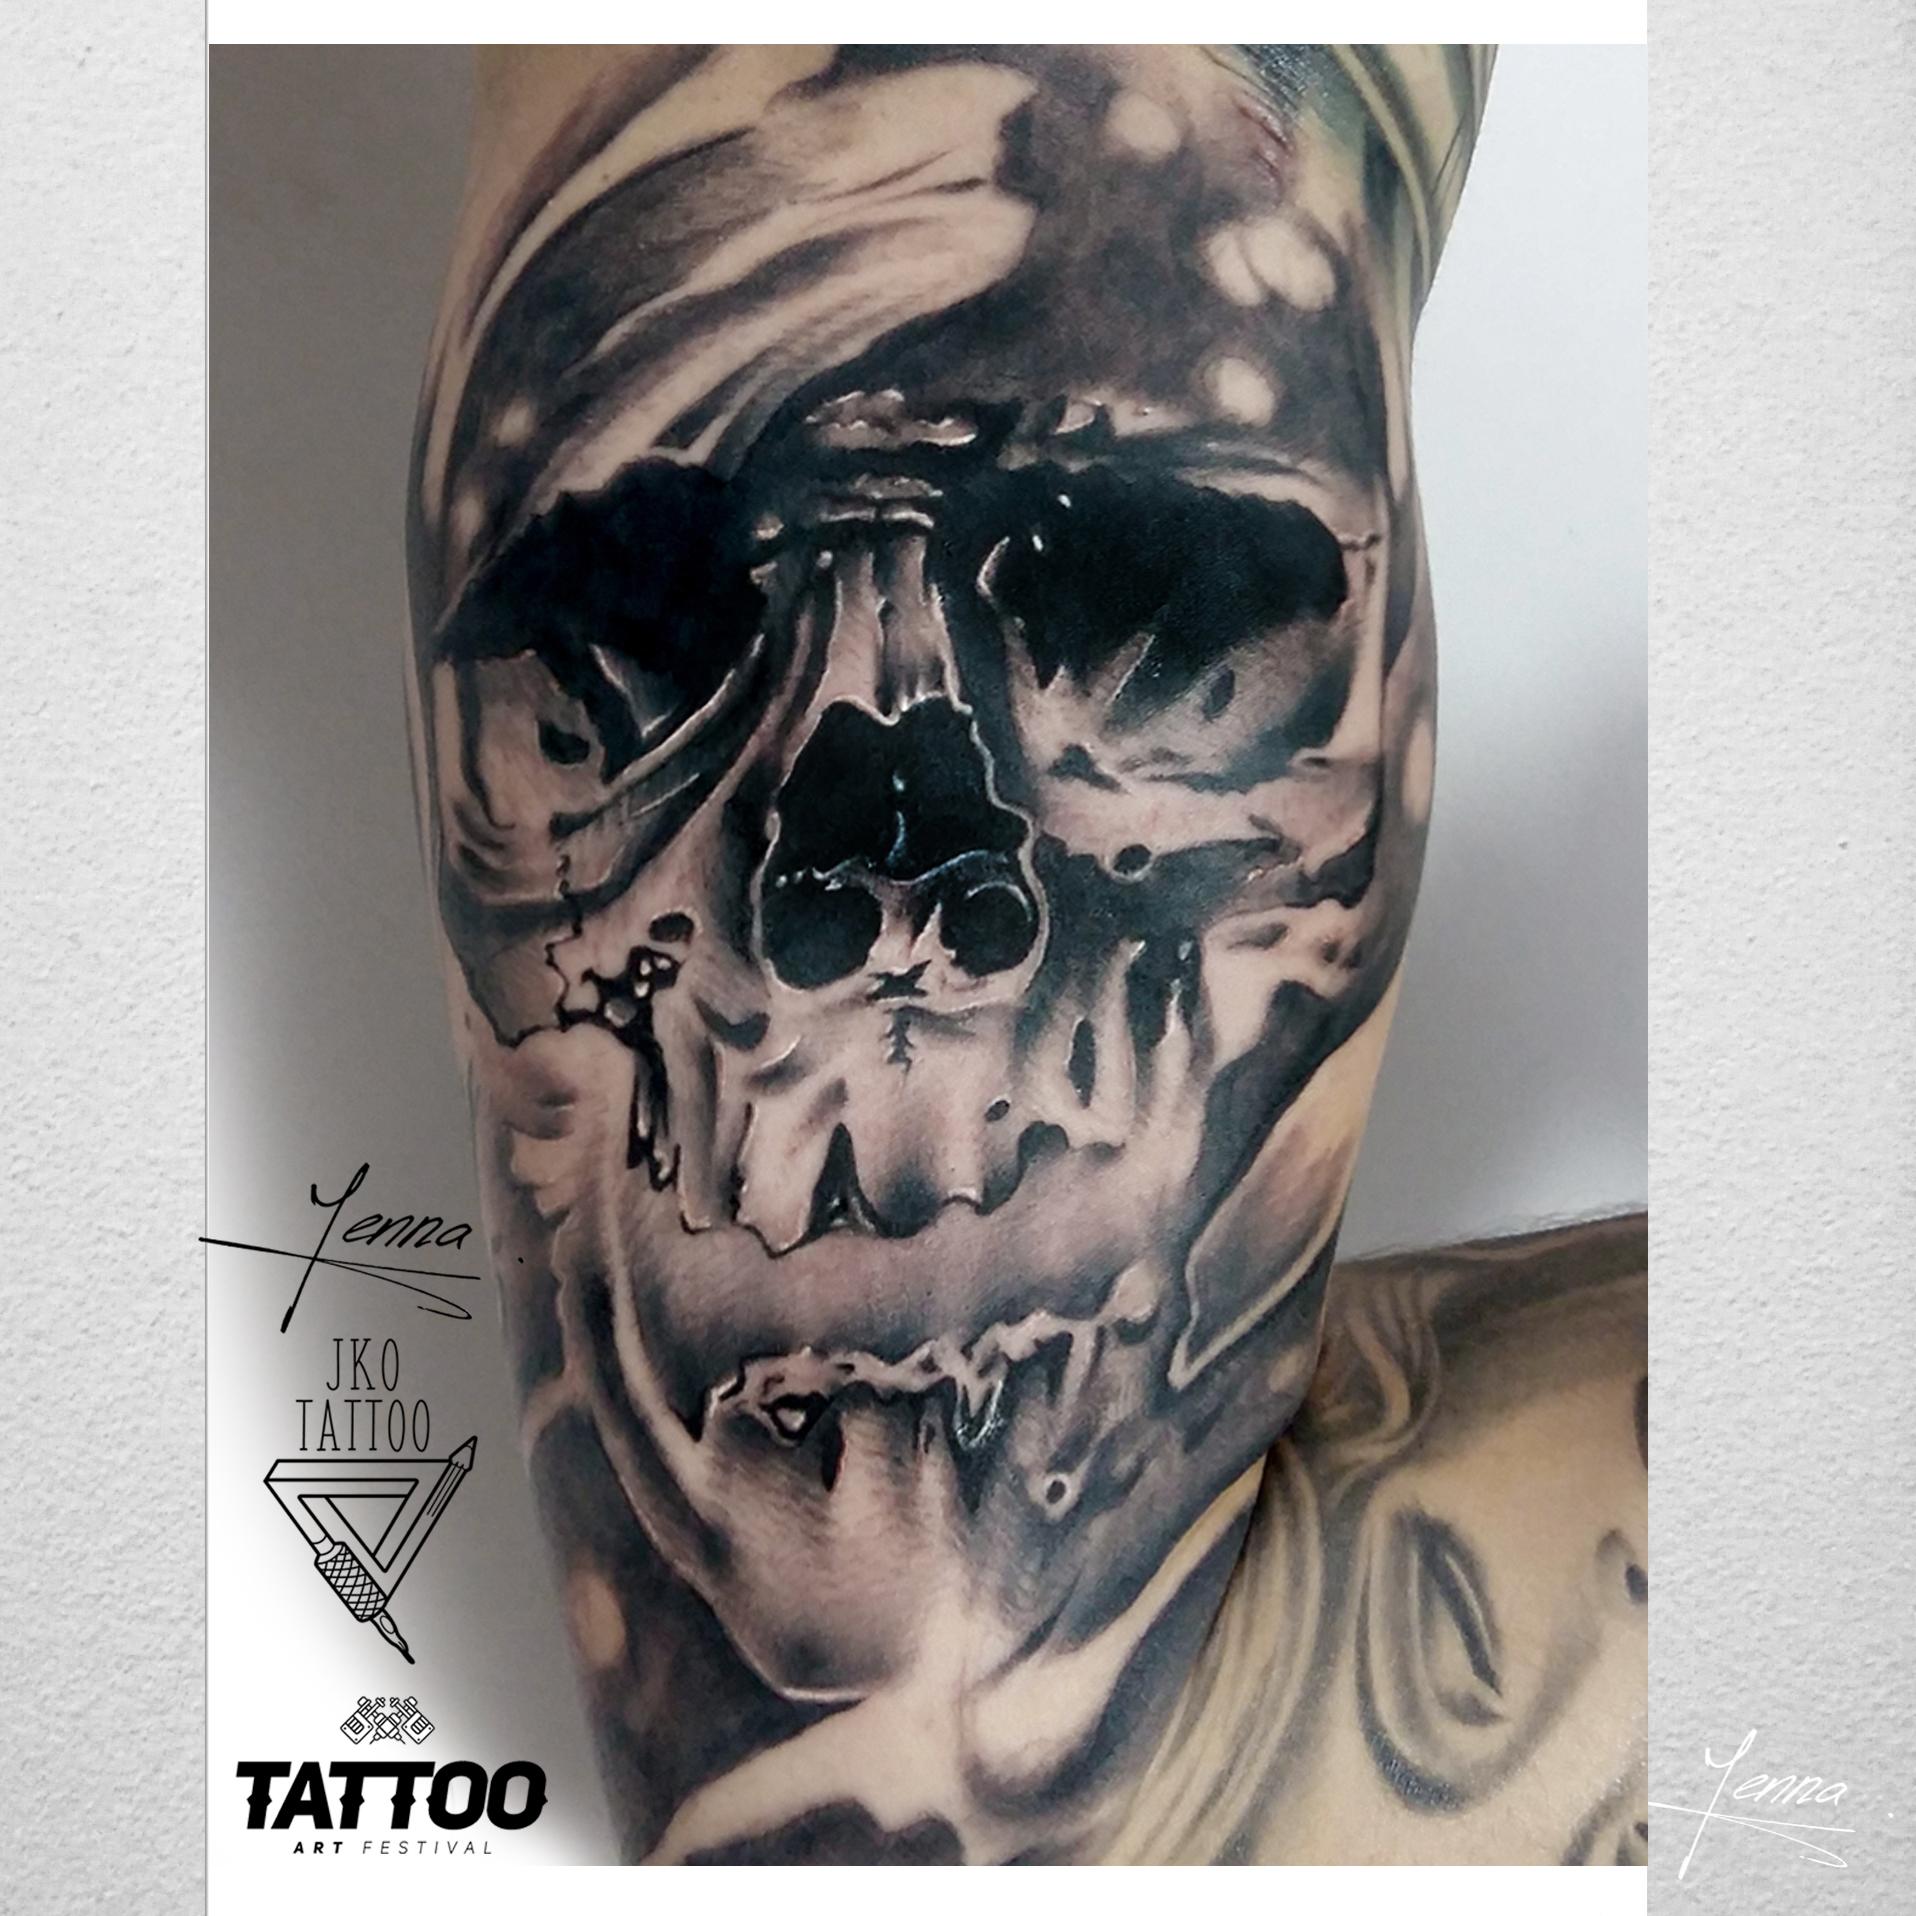 Inksearch tattoo JKO TATTOO